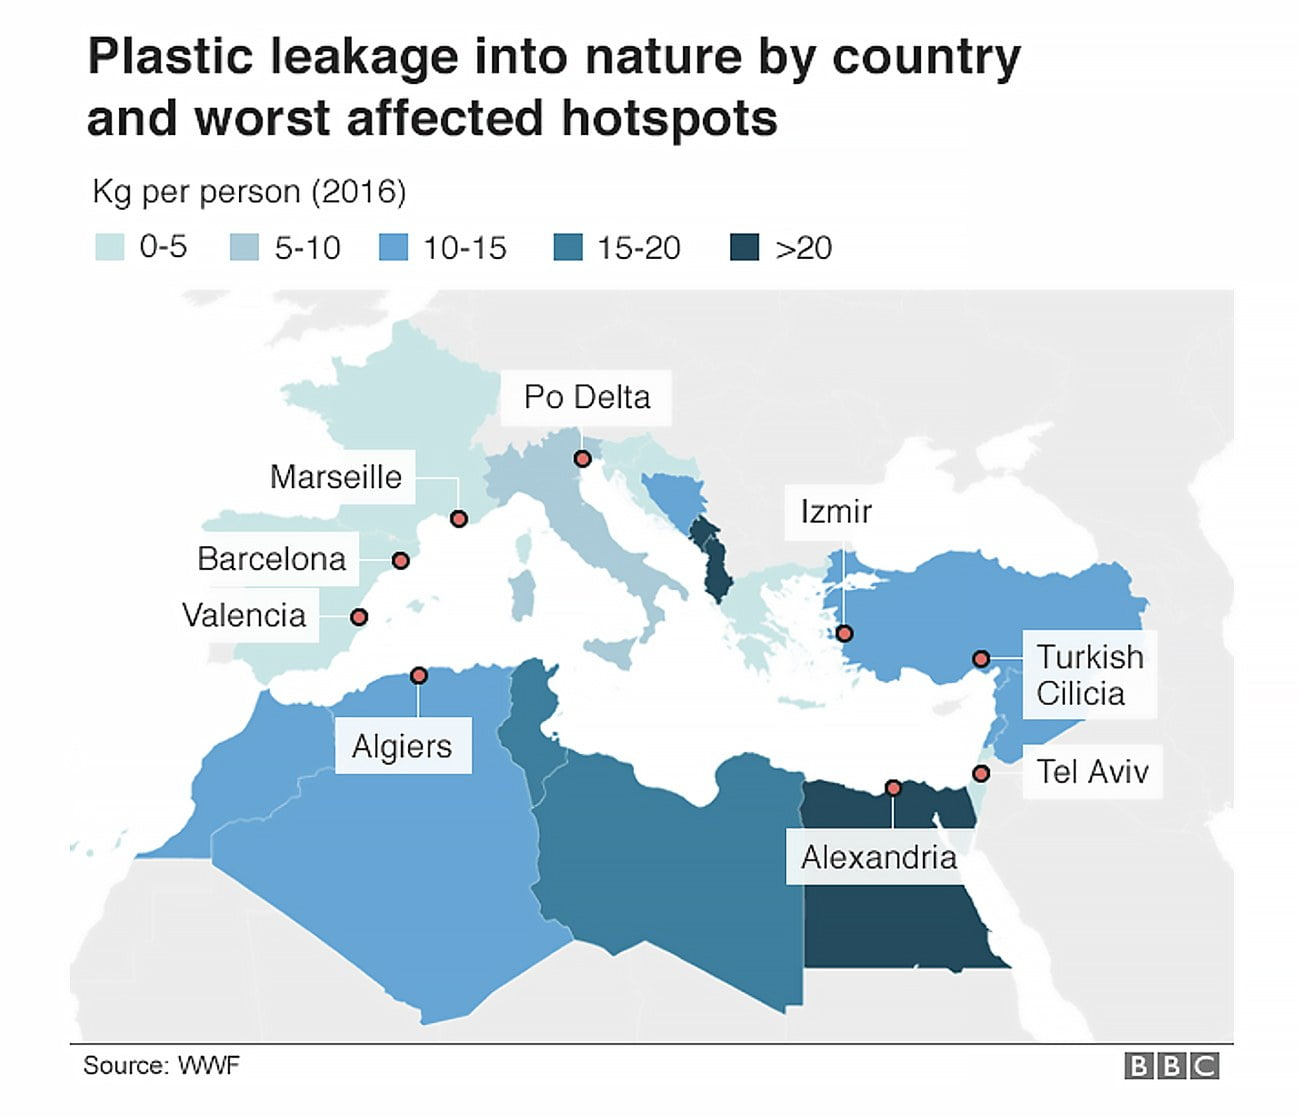 infográfico do plástico no Mediterrâneo por país